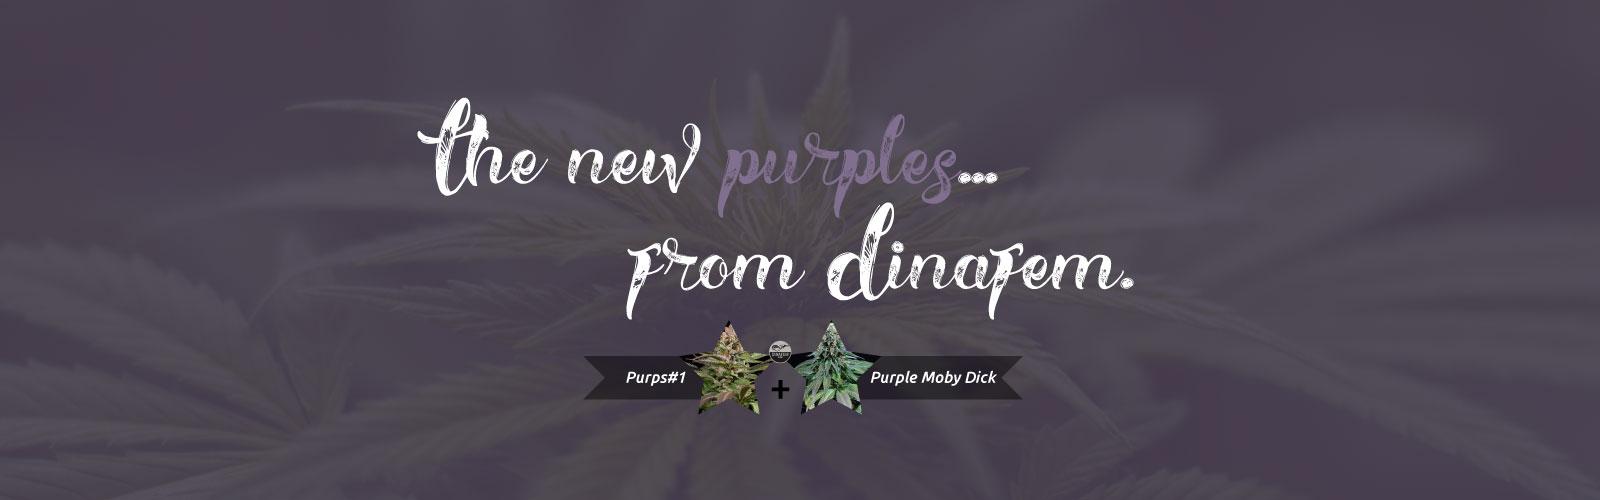 Dinafem-New-Purps-6